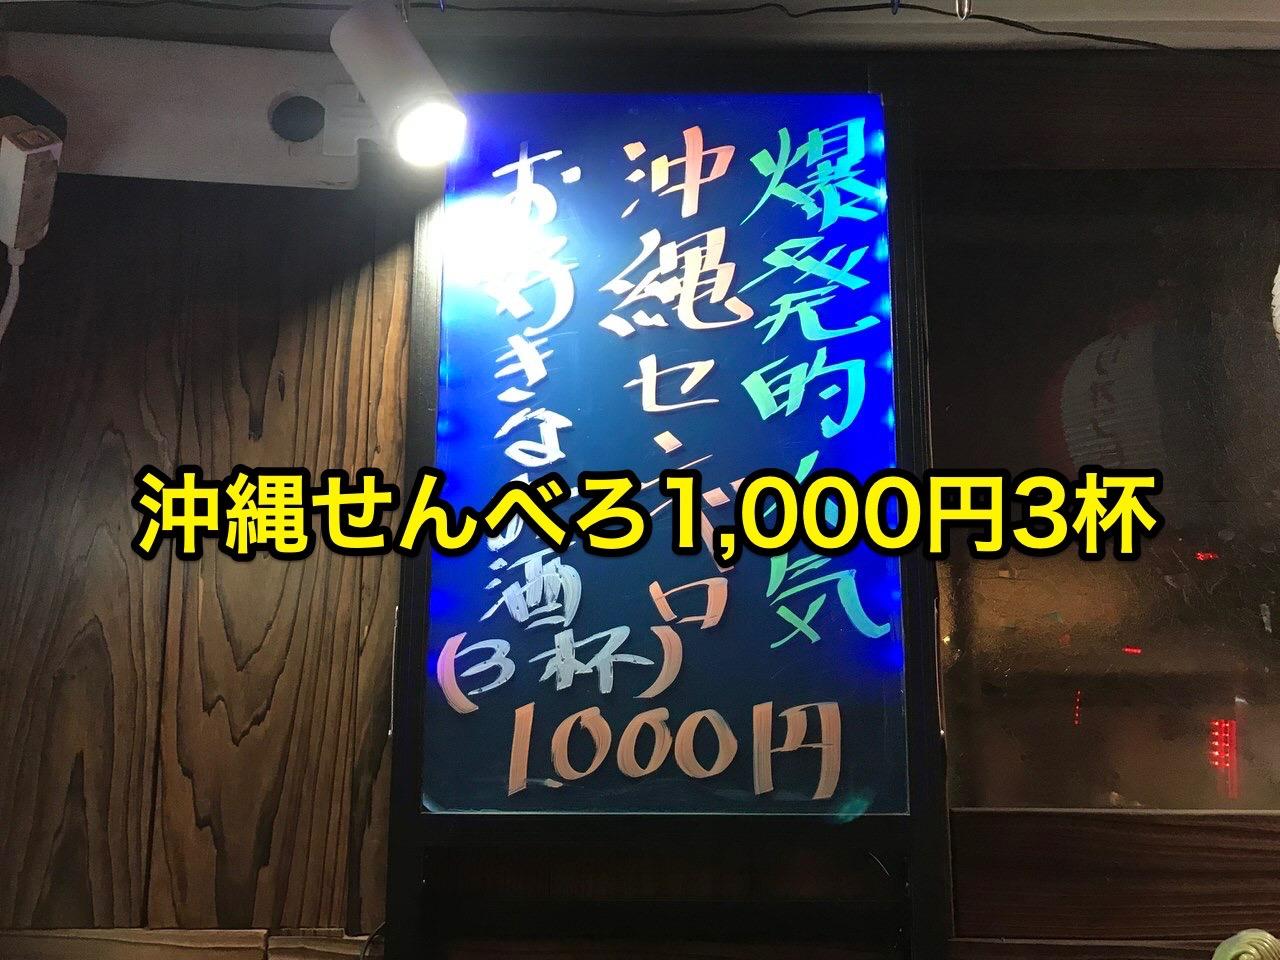 板橋本町駅 沖縄料理店「アバサー」